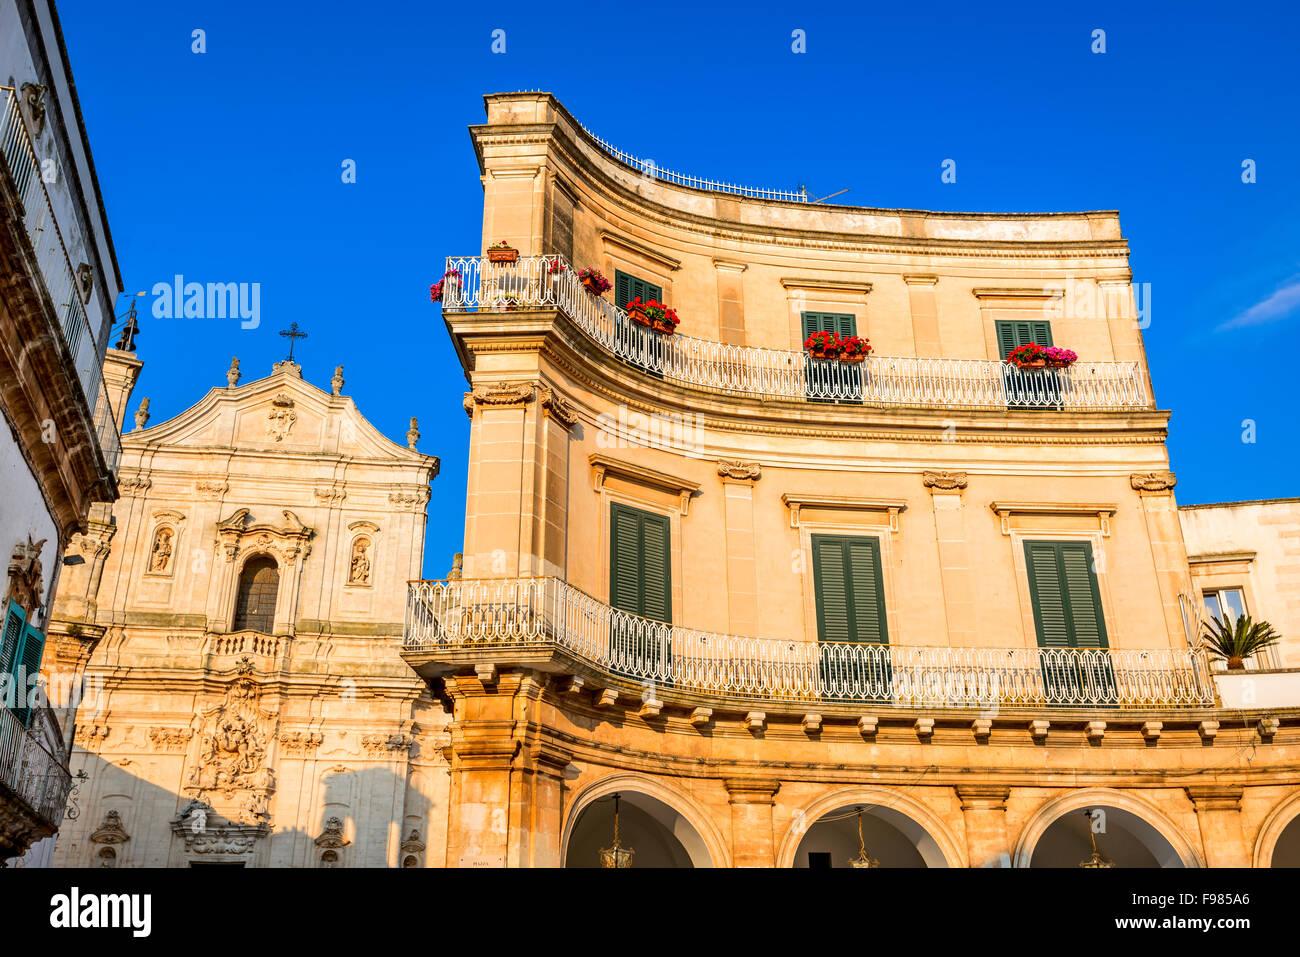 Martina Franca, Puglia in Italy. Piazza Plebiscito and Basilica di San Martino, landmark of Brindisi region in Apulia, - Stock Image